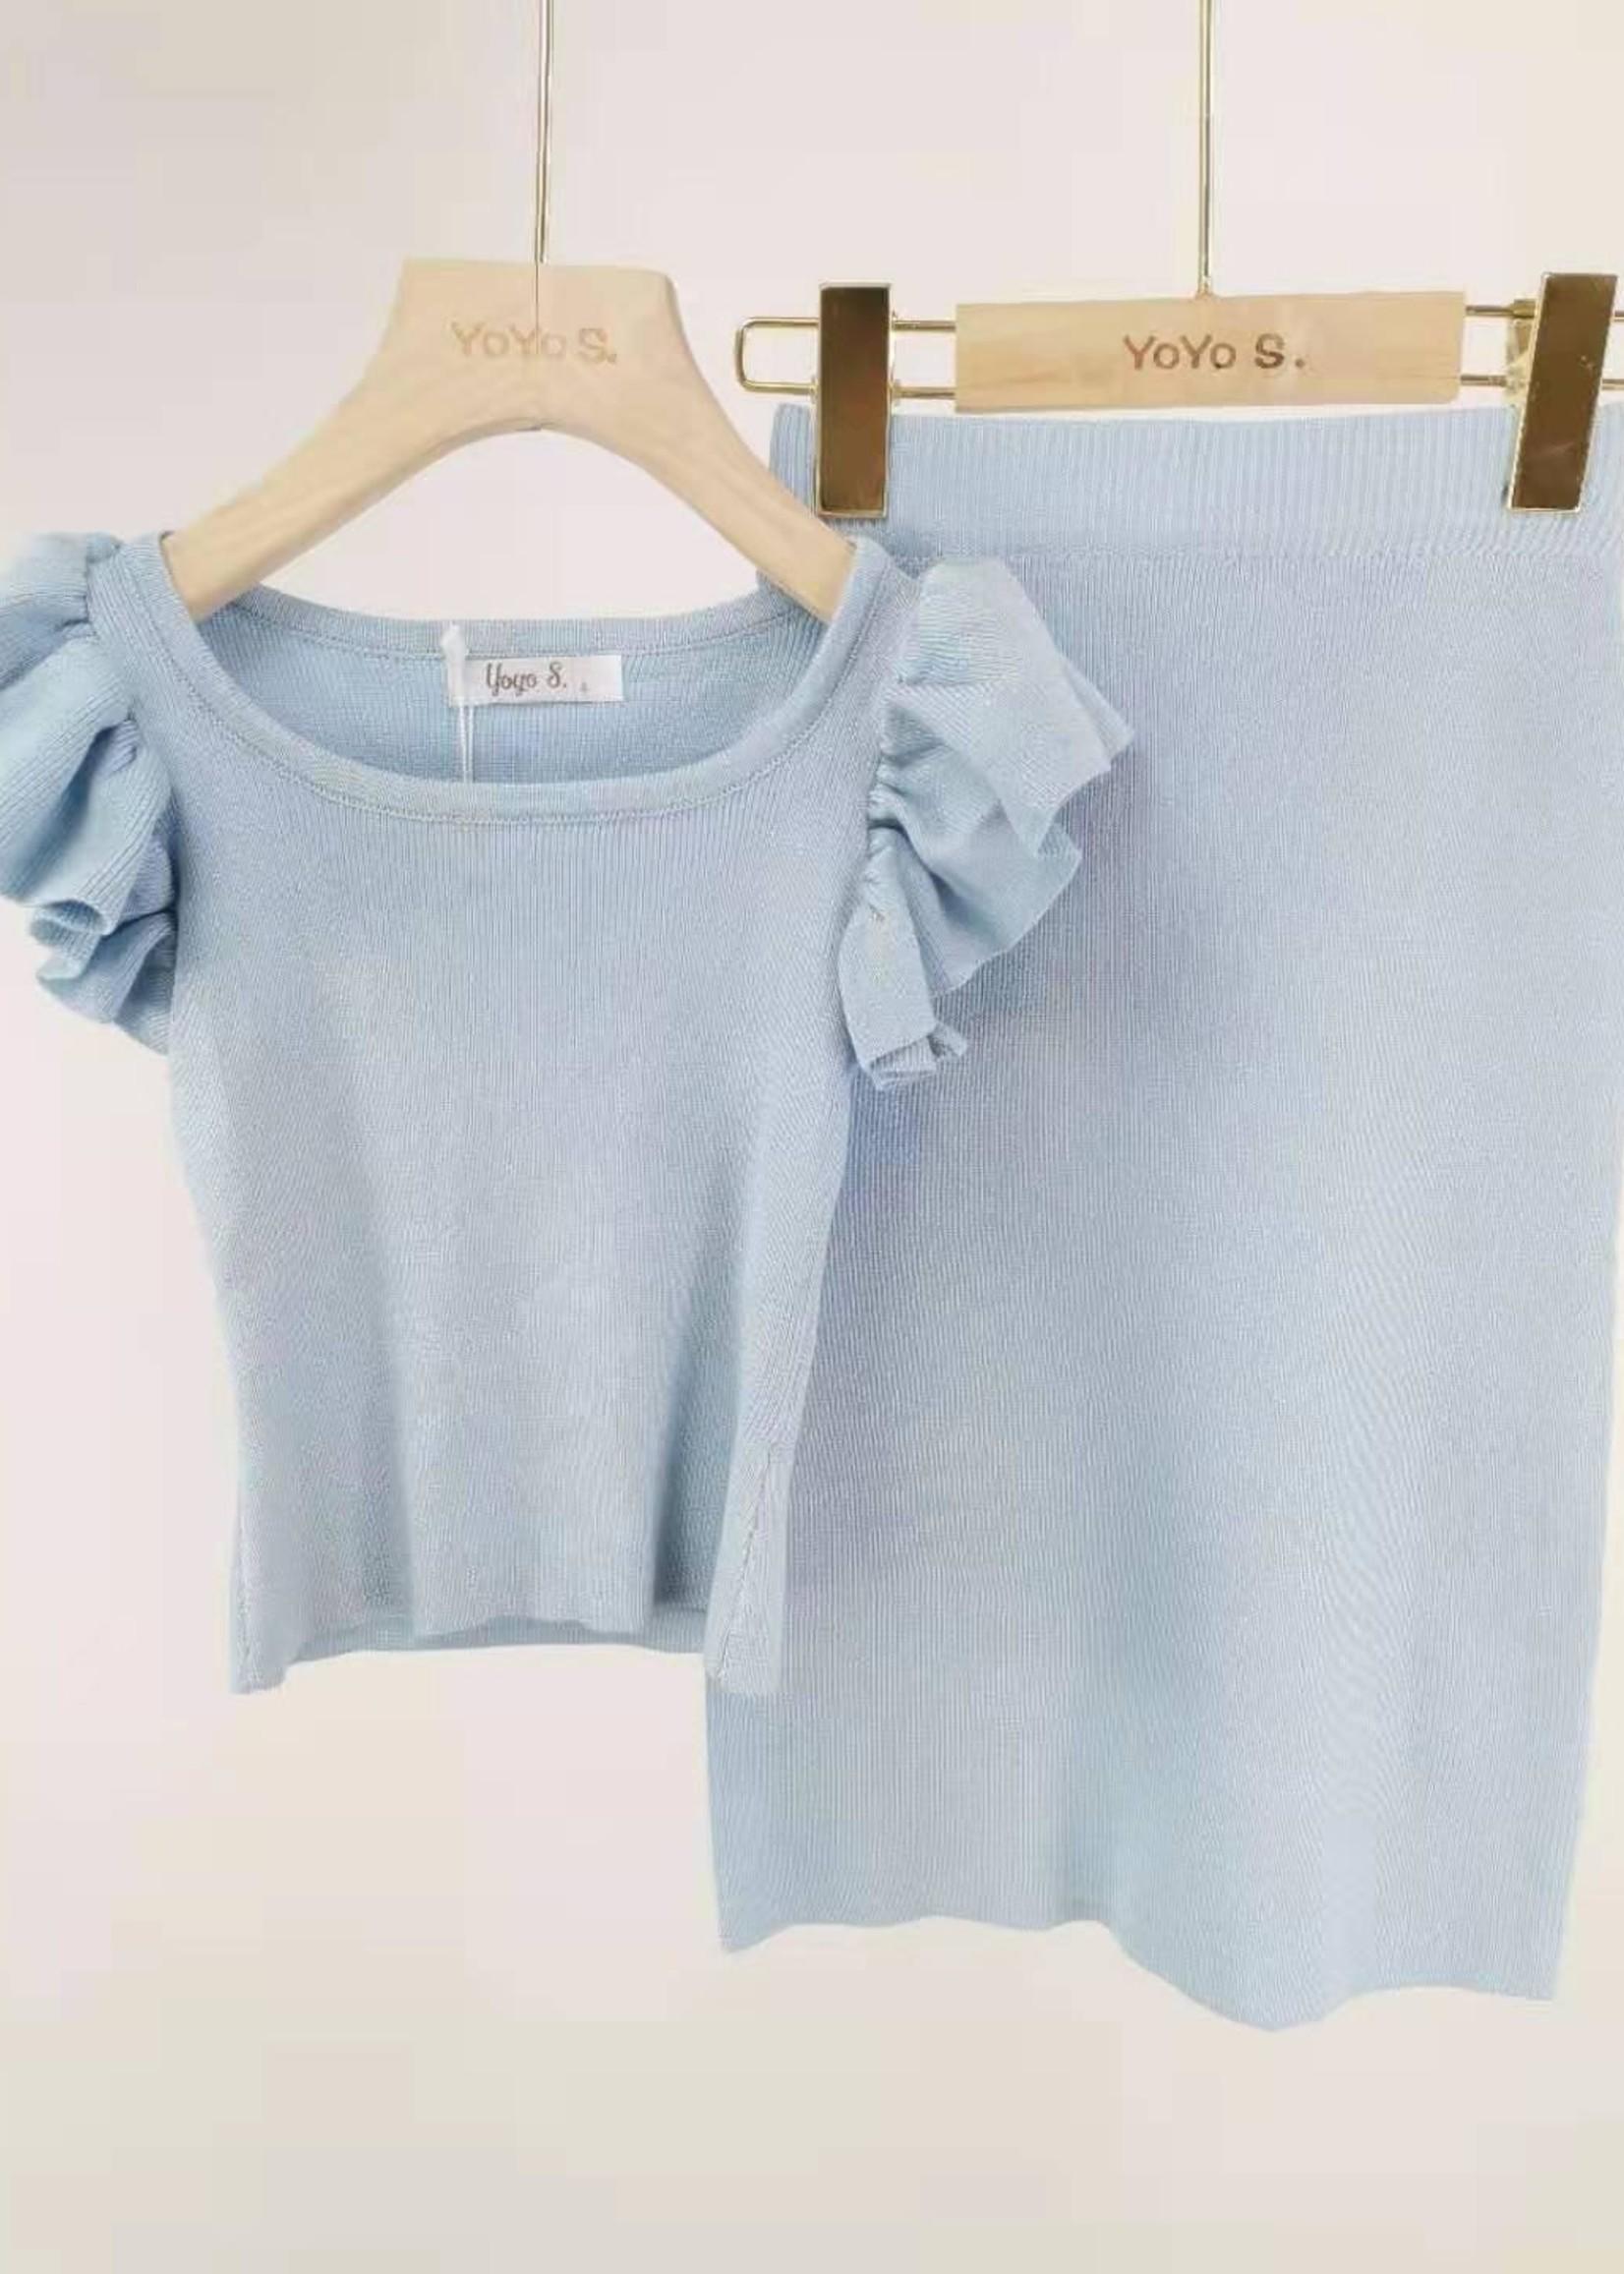 Divanis Divanis long skirt set blue